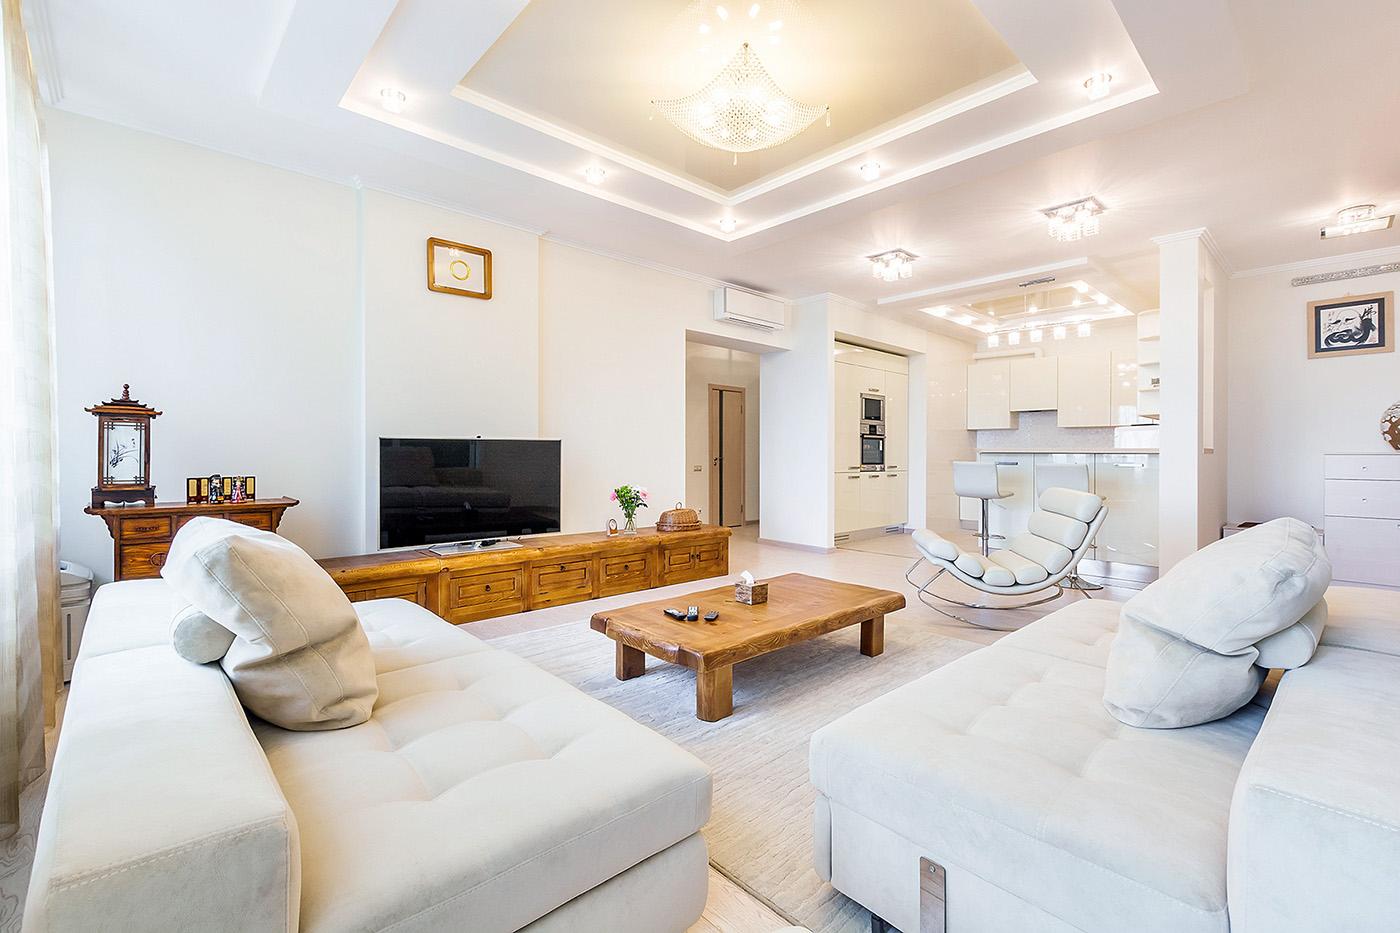 Идеи для однокомнатной квартиры 30 кв м